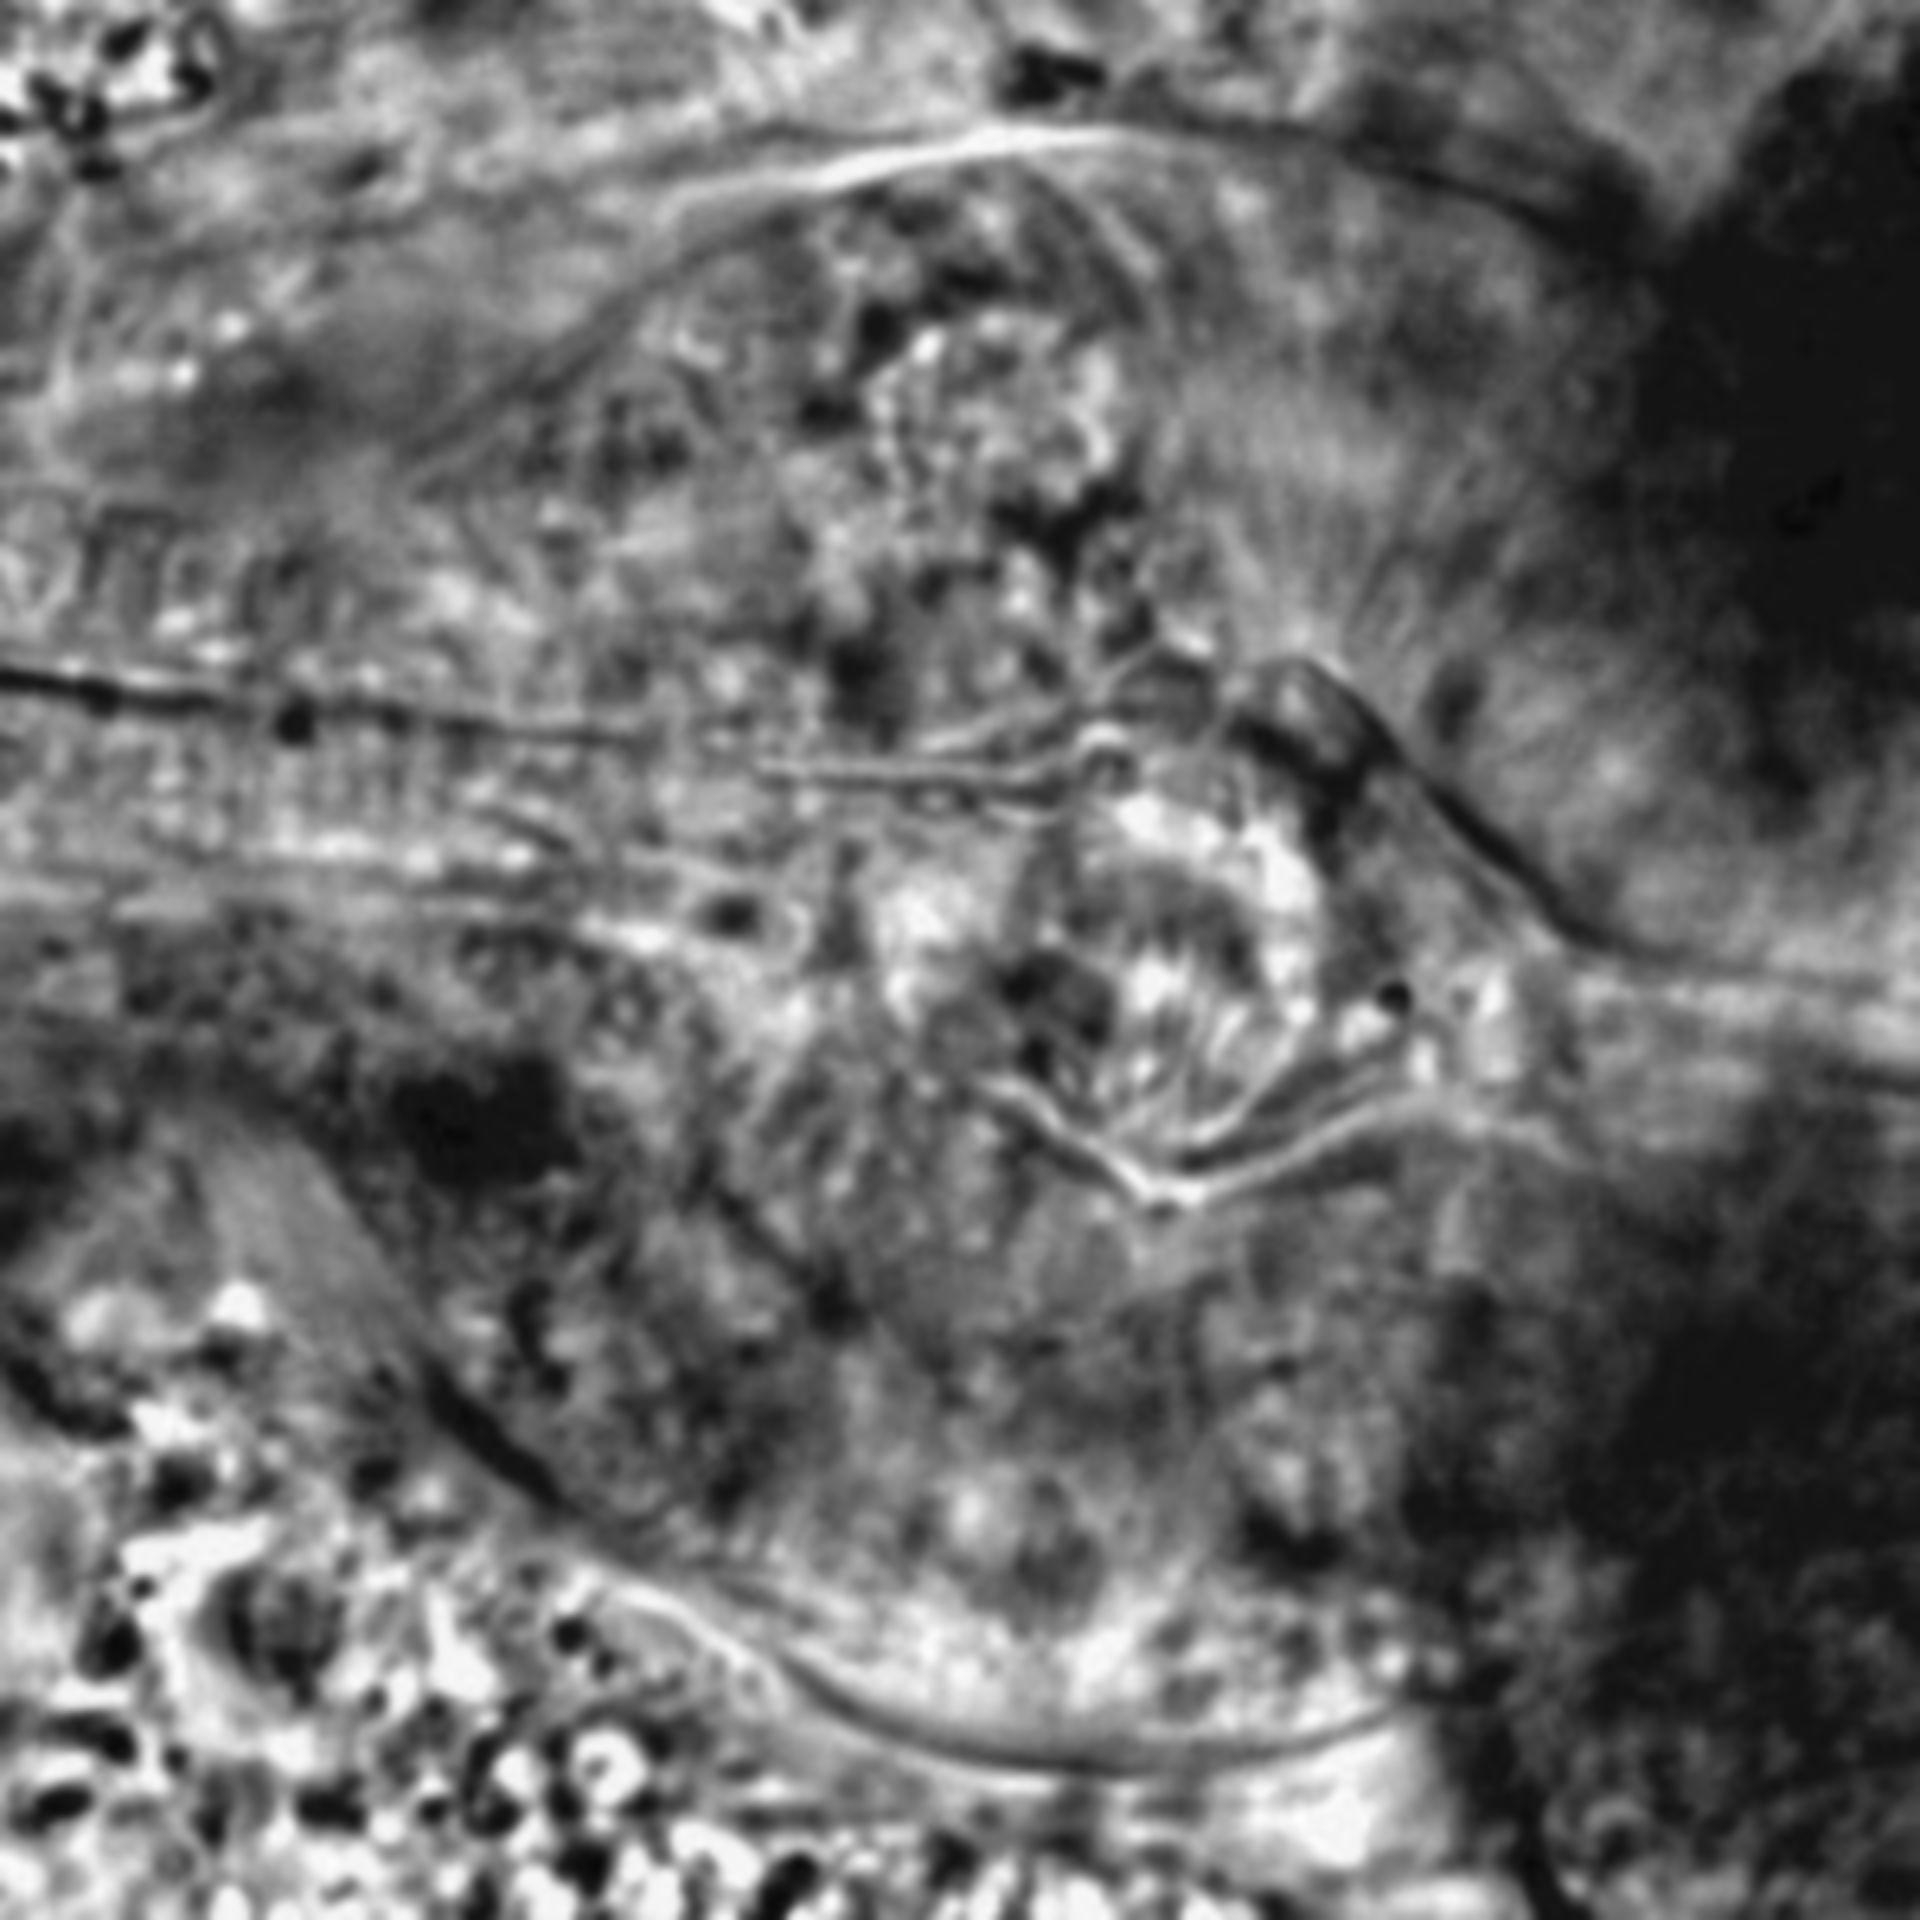 Caenorhabditis elegans - CIL:2590